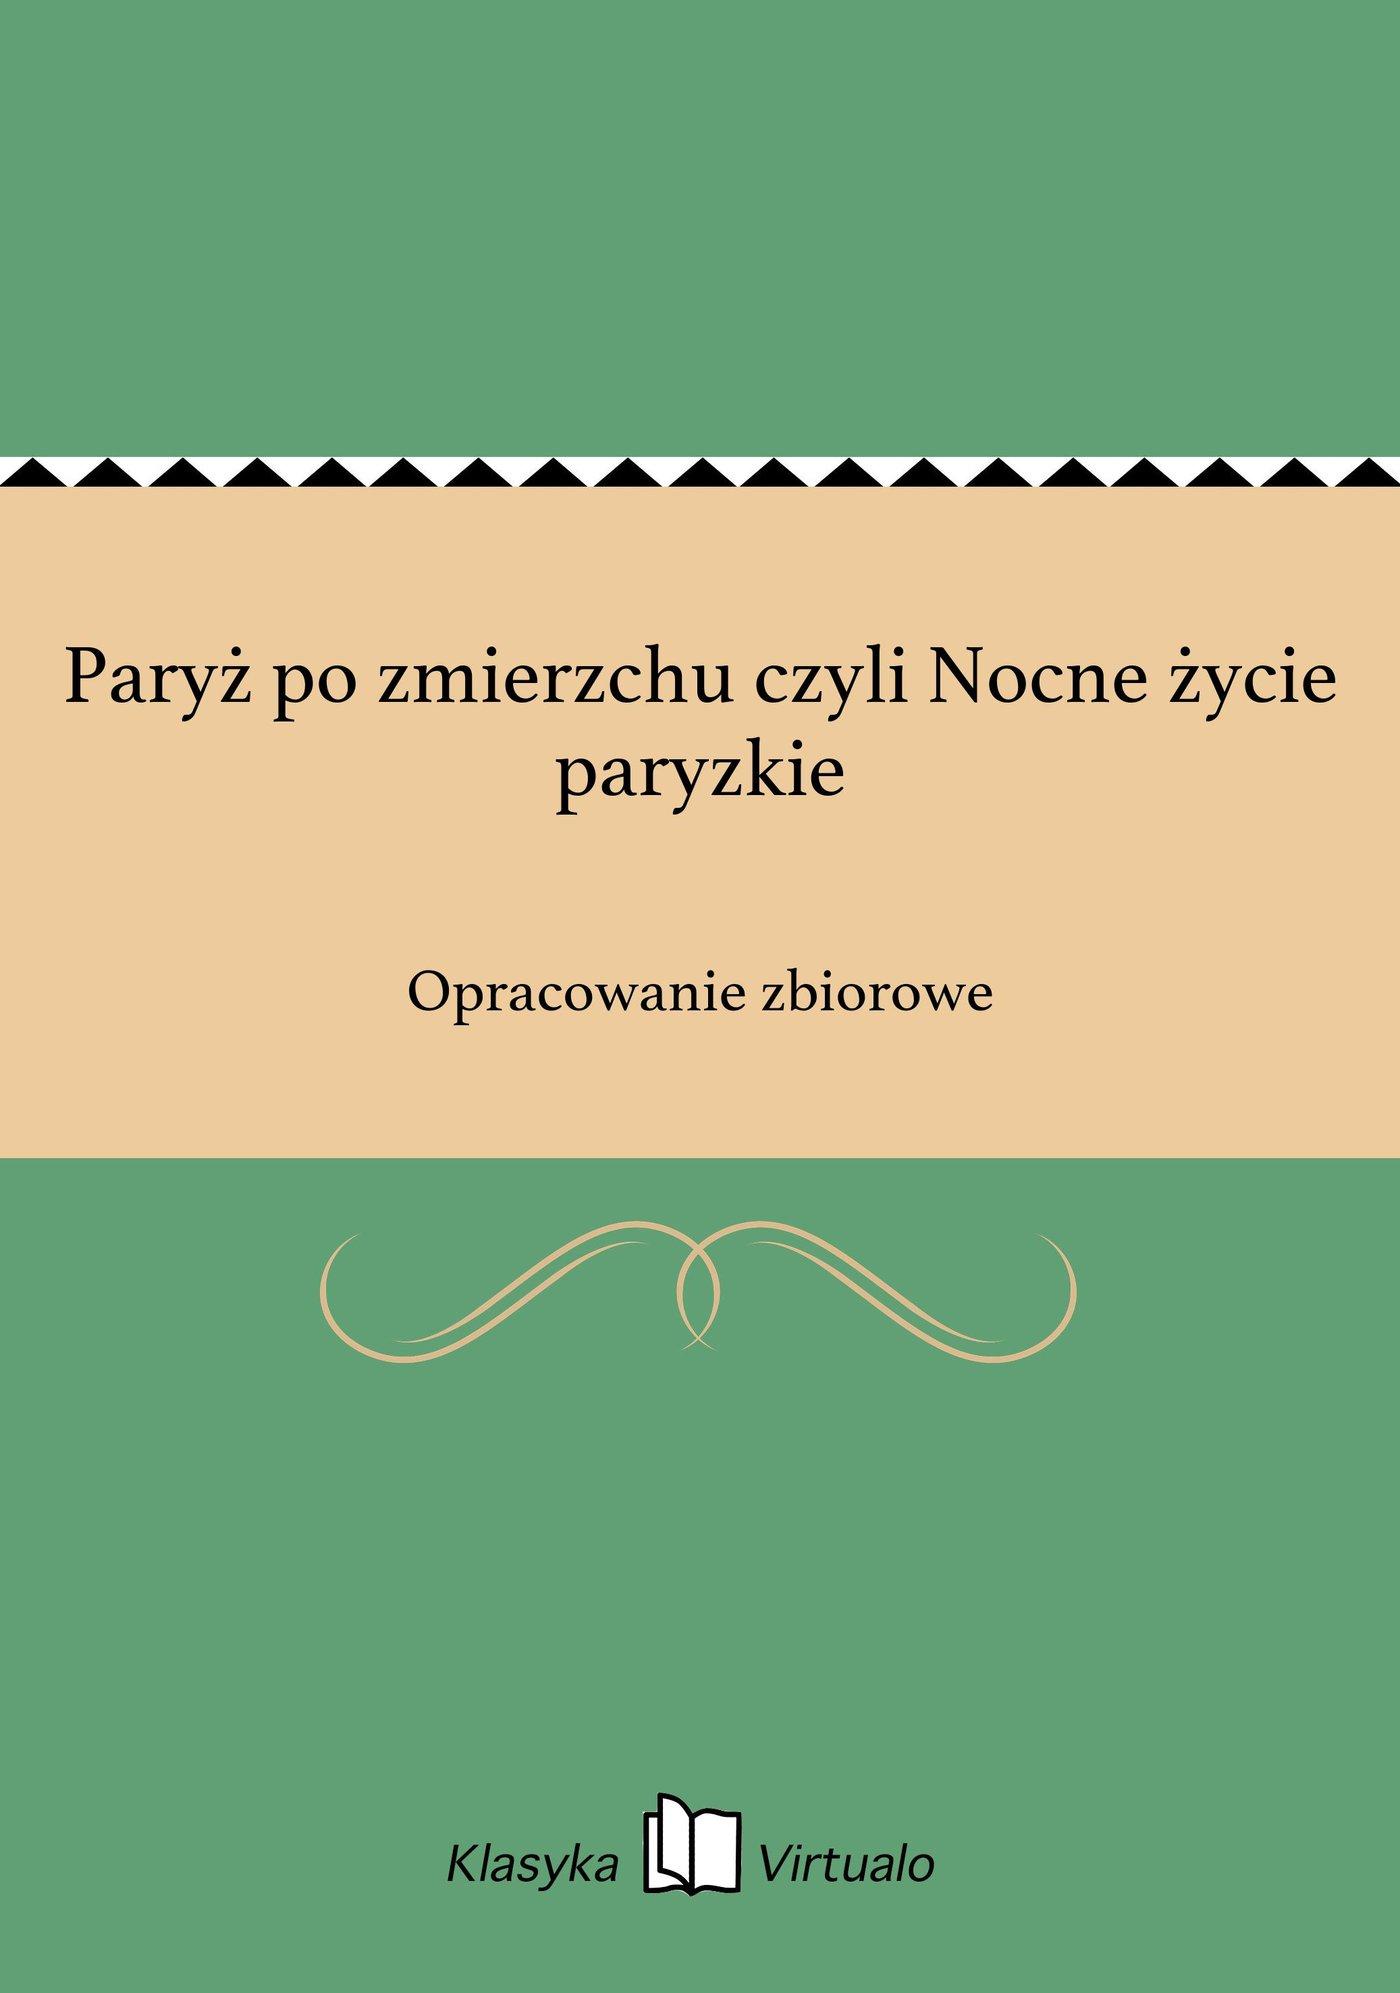 Paryż po zmierzchu czyli Nocne życie paryzkie - Ebook (Książka EPUB) do pobrania w formacie EPUB